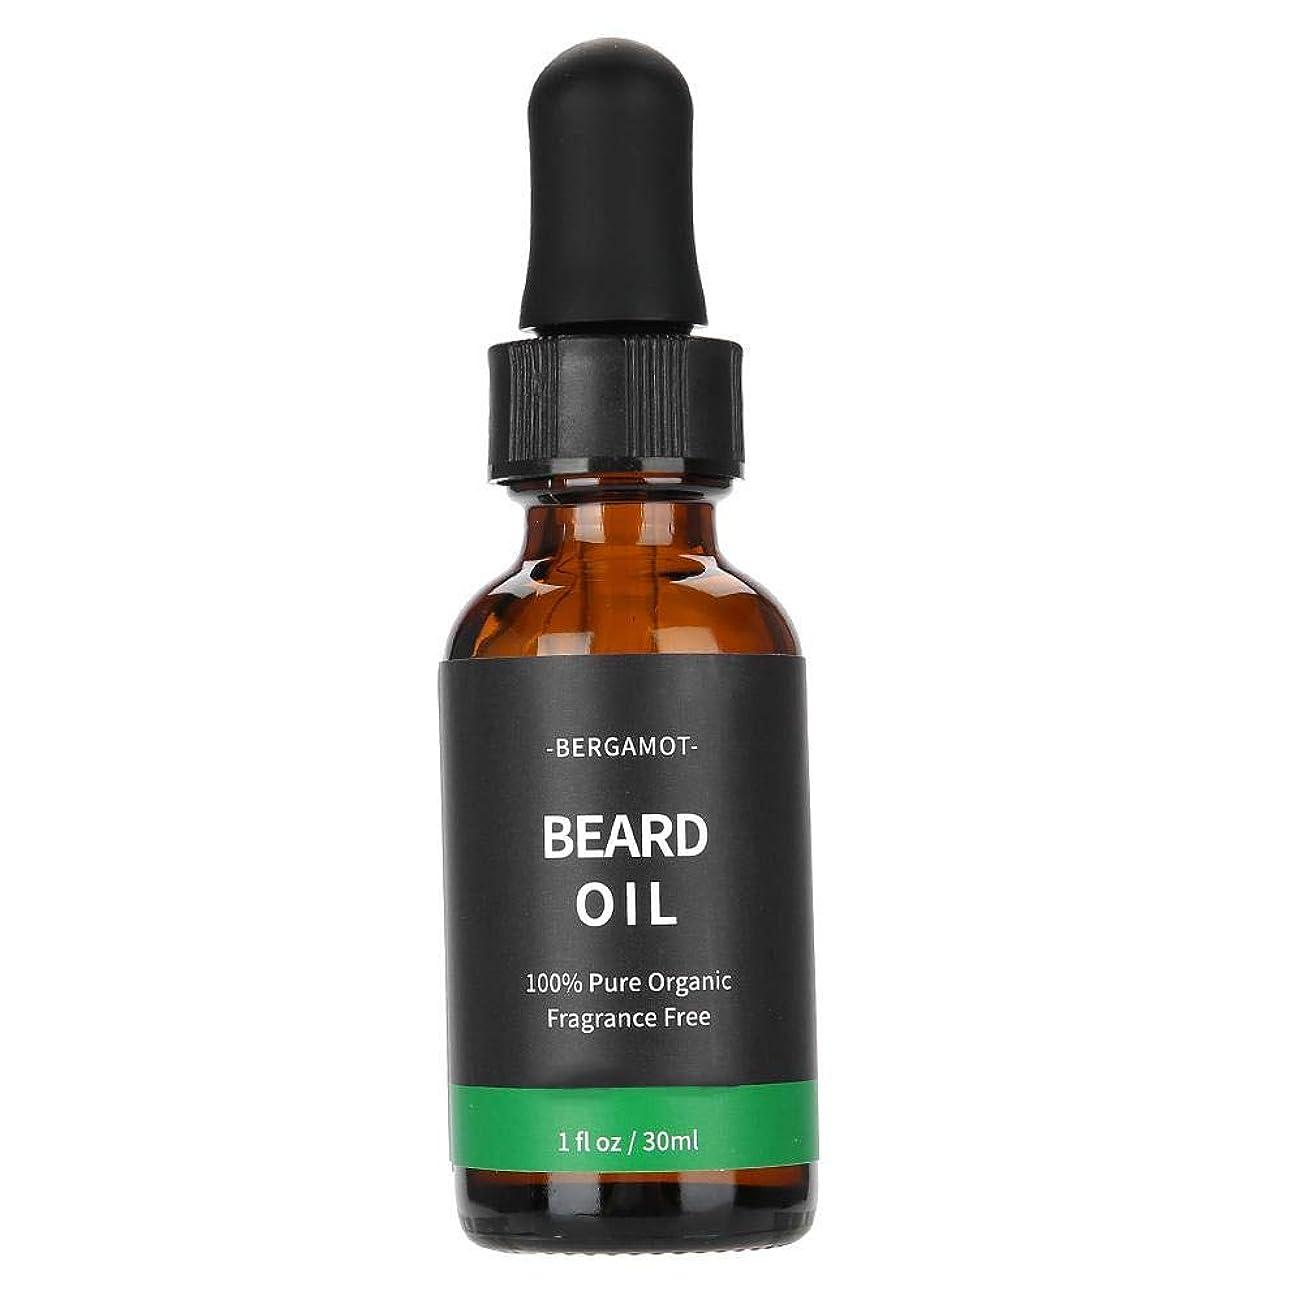 血色の良い押す変化するひげのコンディショナーおよびオイル、ふけを減らすためのアルガンオイルおよびヒマラヤスギオイルが含まれています男性のためのひげおよび口ひげを柔らかくし、増強します